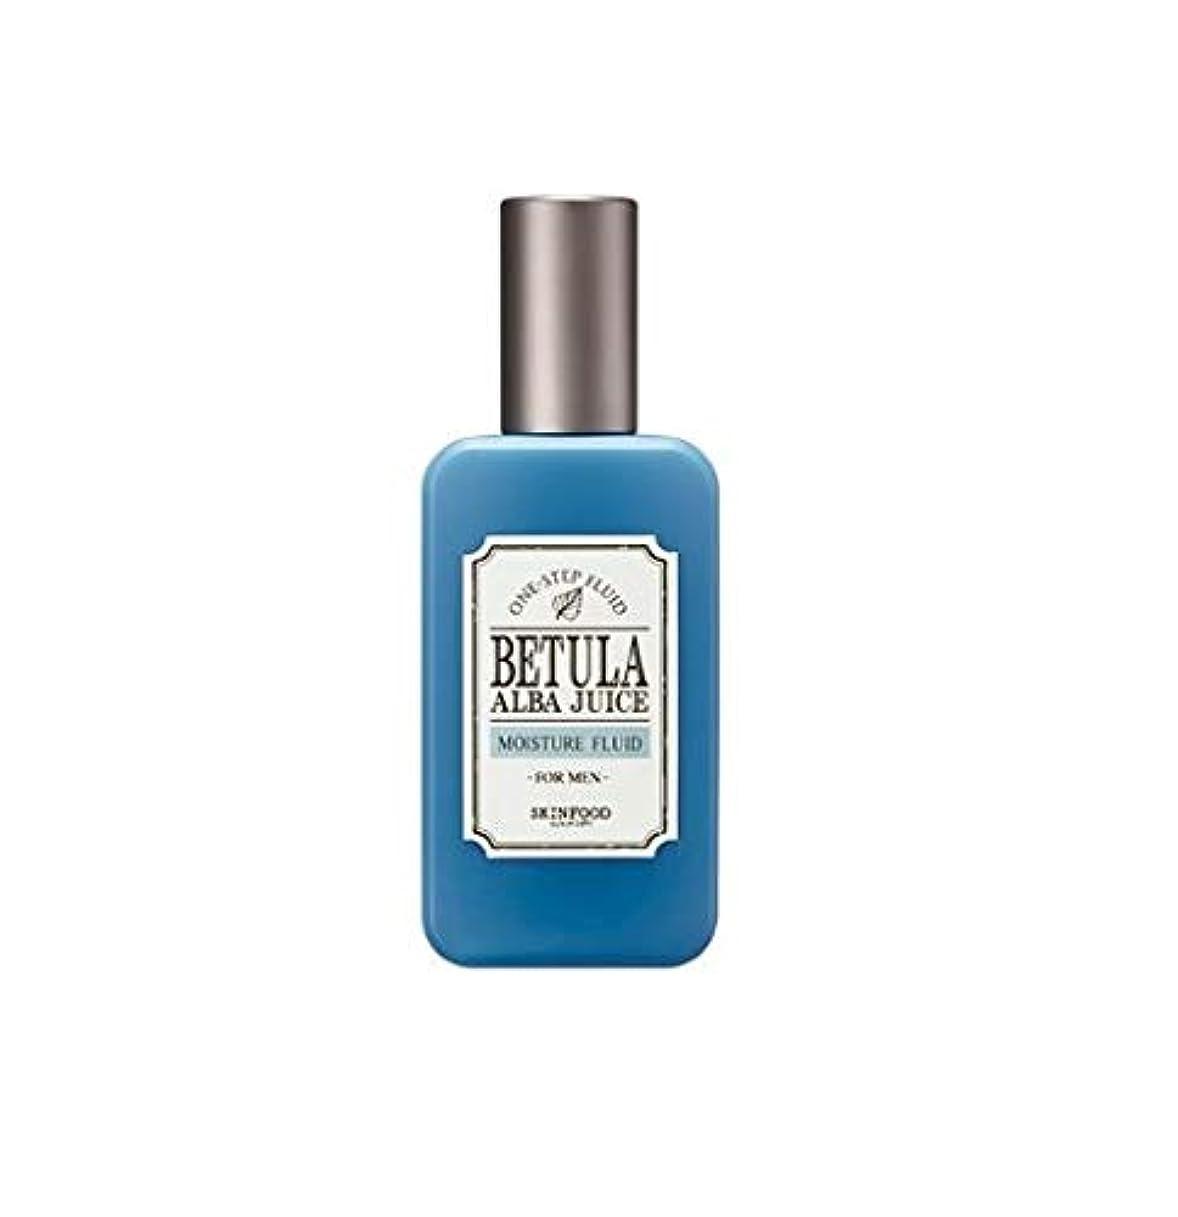 定数トマト化学薬品Skinfood ダケカンバジュース/Betula Alba Juice Moisture Fluid for Men 125ml [並行輸入品]